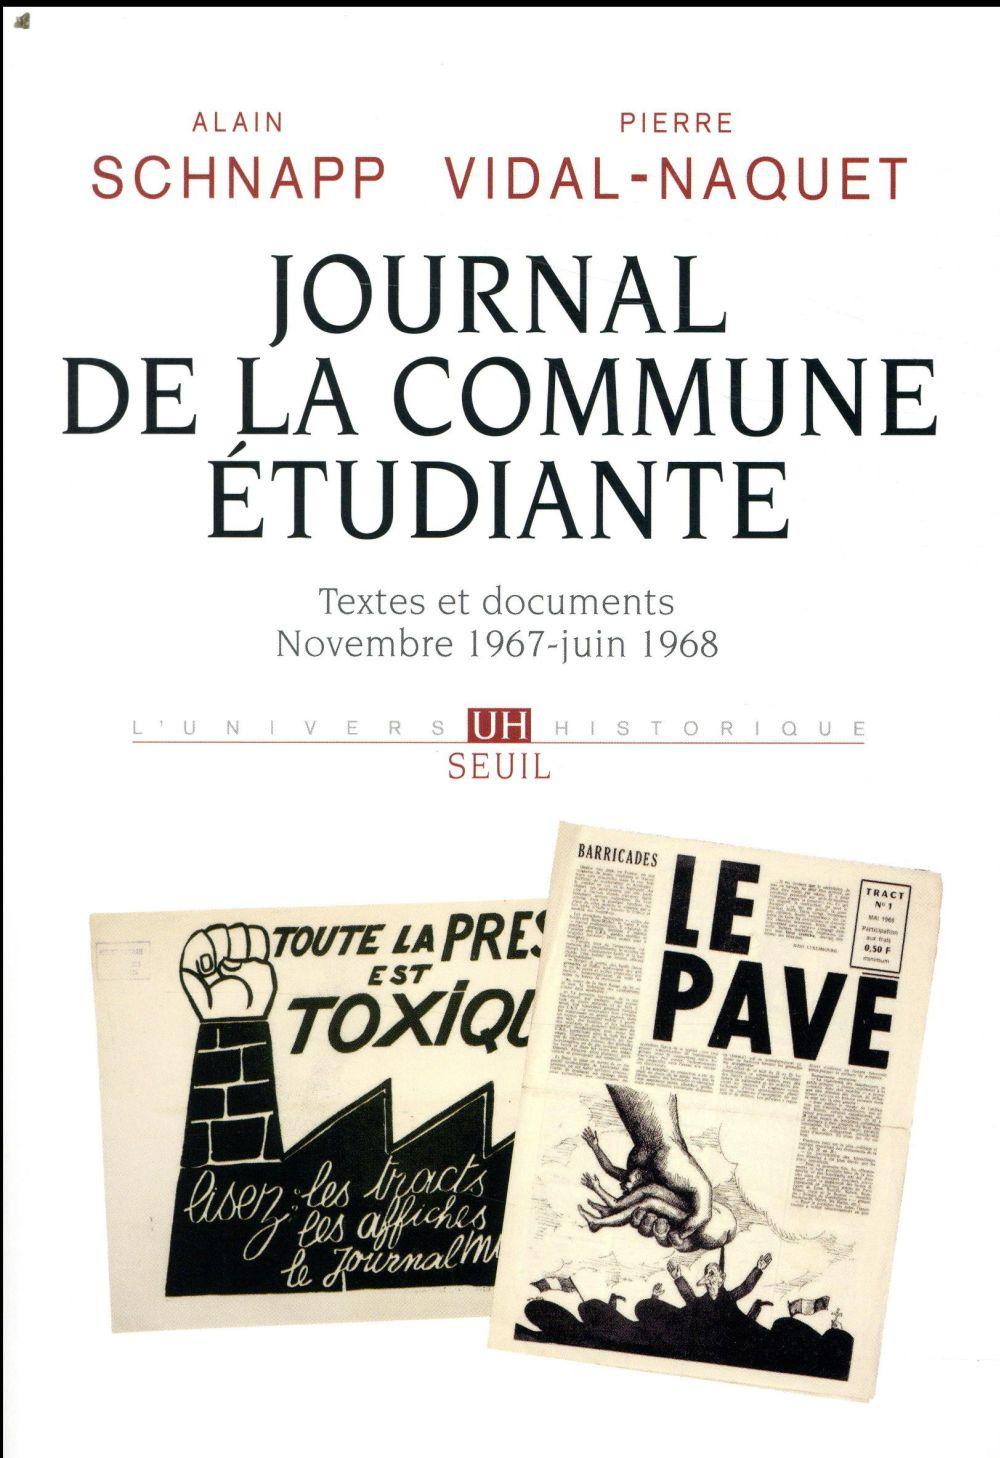 Journal de la commune étudiante ; textes et documents, novembre 1967-juin 1968